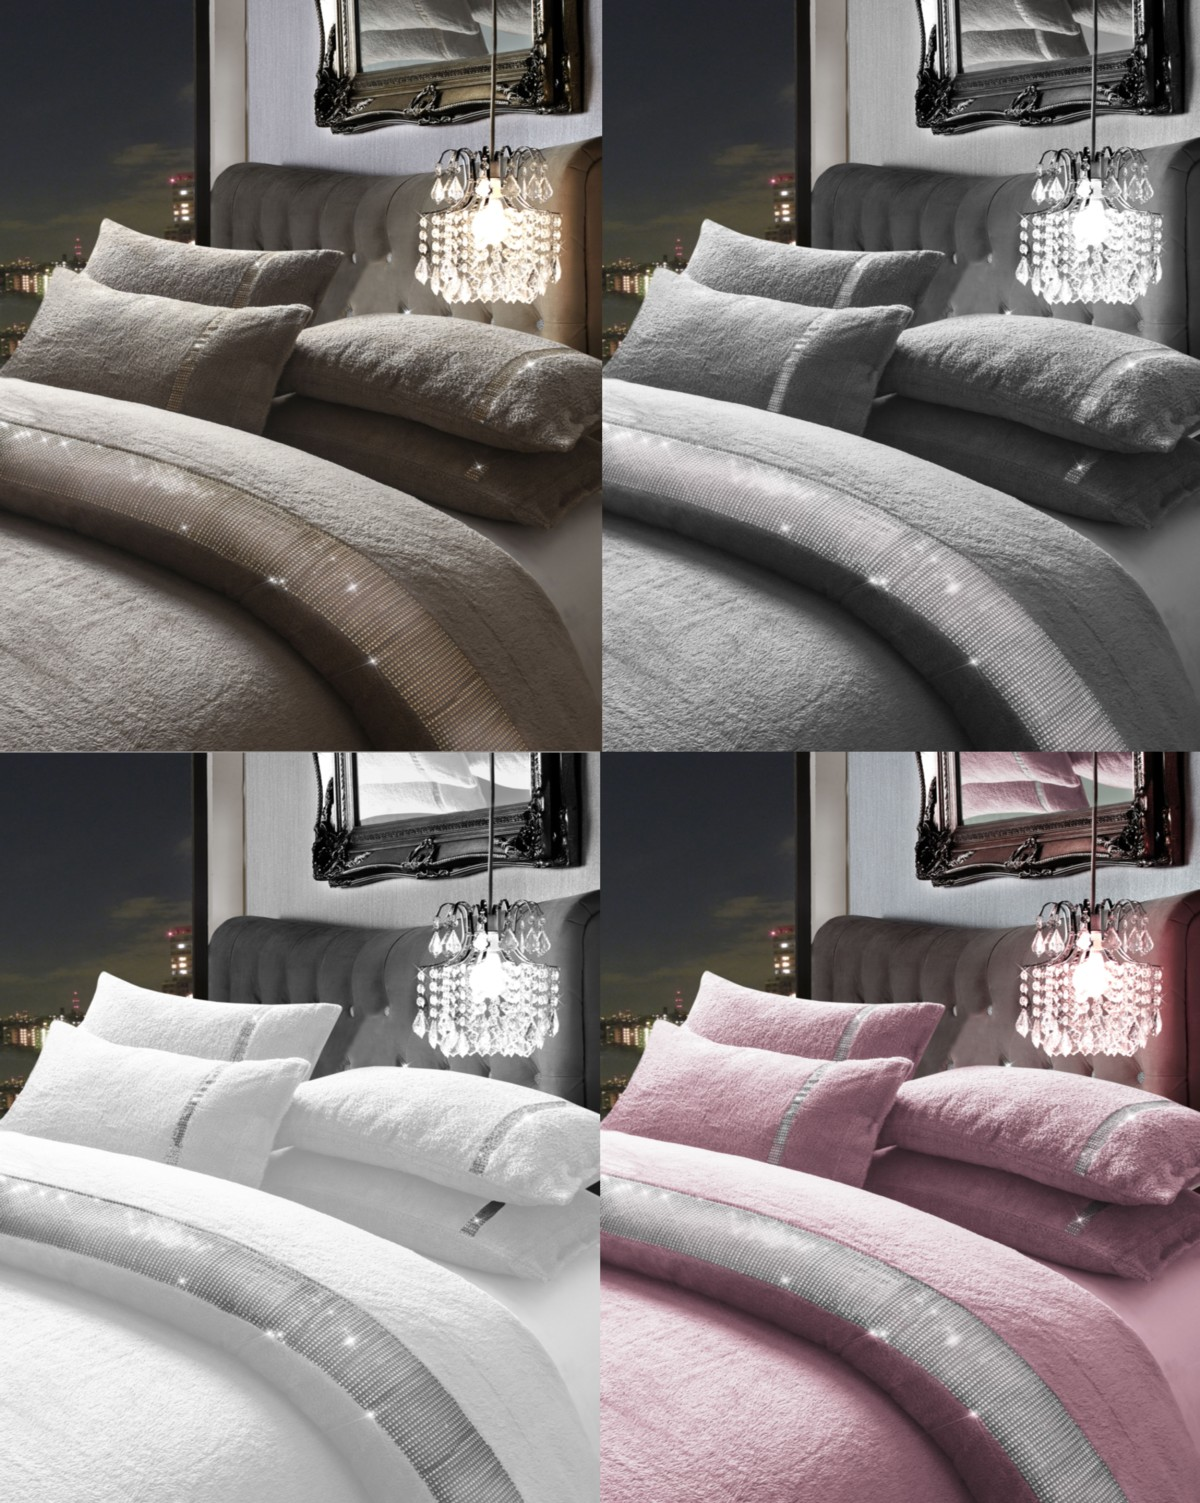 Teddy Fleece Duvet Quilt Cover Set Diamante Lace KASIA with Pillowcase Set